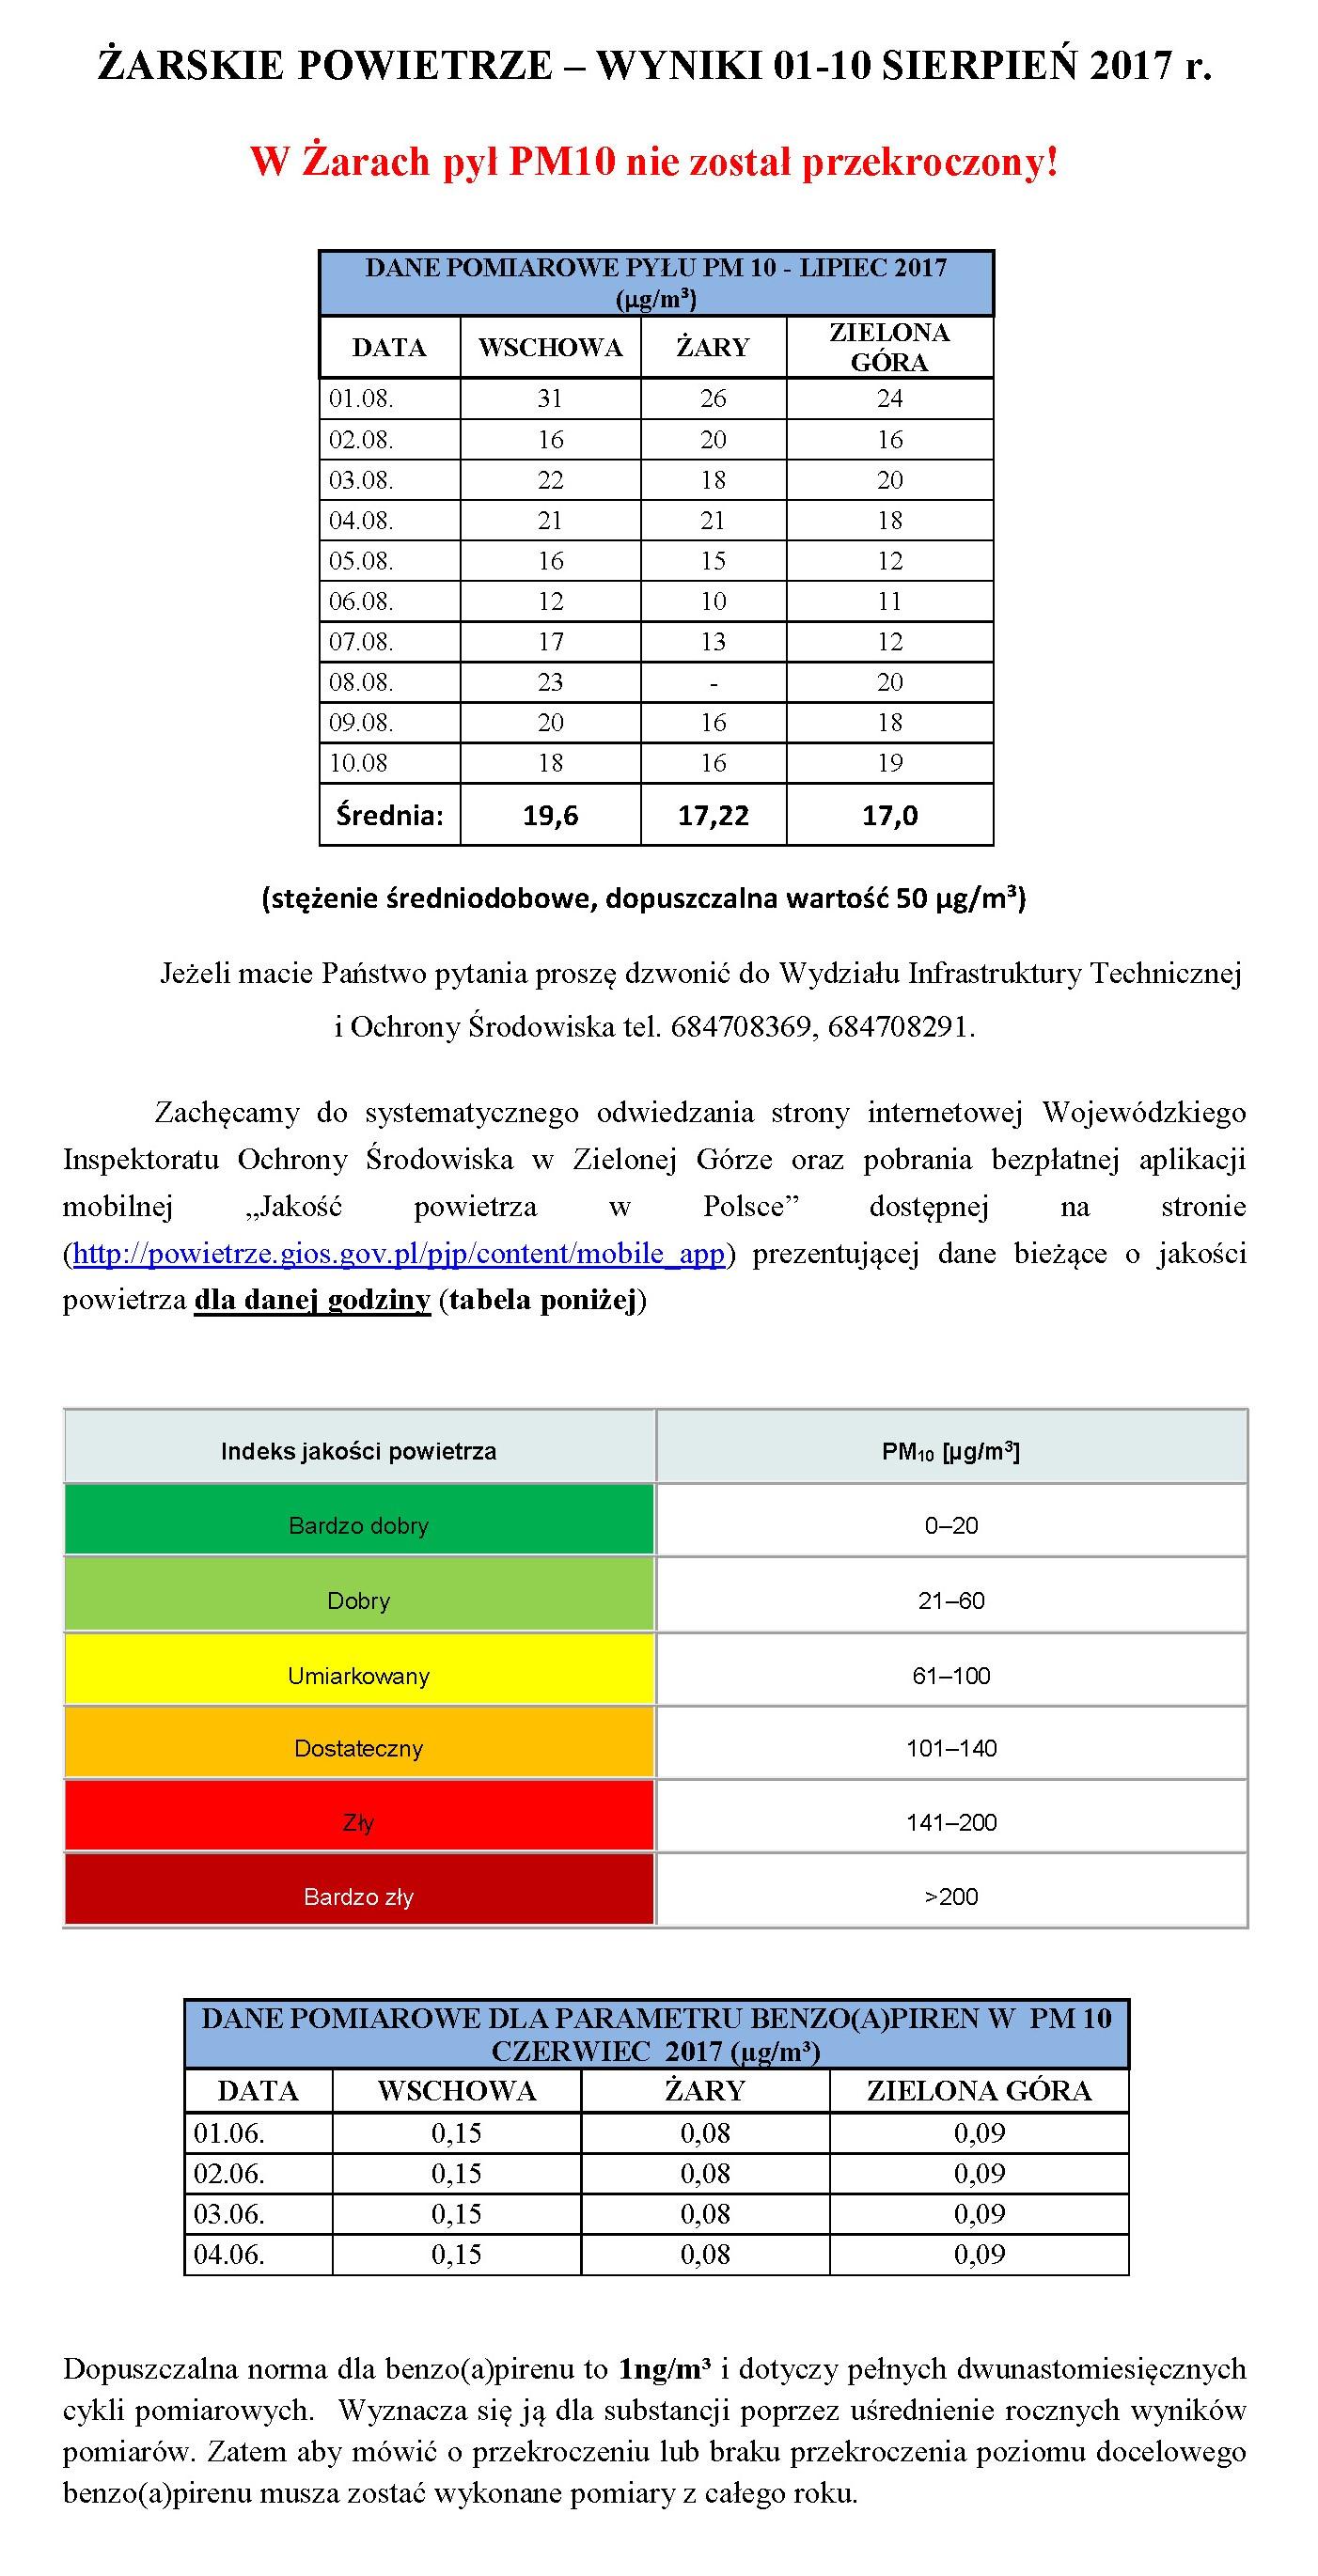 Ilustracja do informacji: ŻARSKIE POWIETRZE – WYNIKI 01-10 SIERPIEŃ 2017 r.